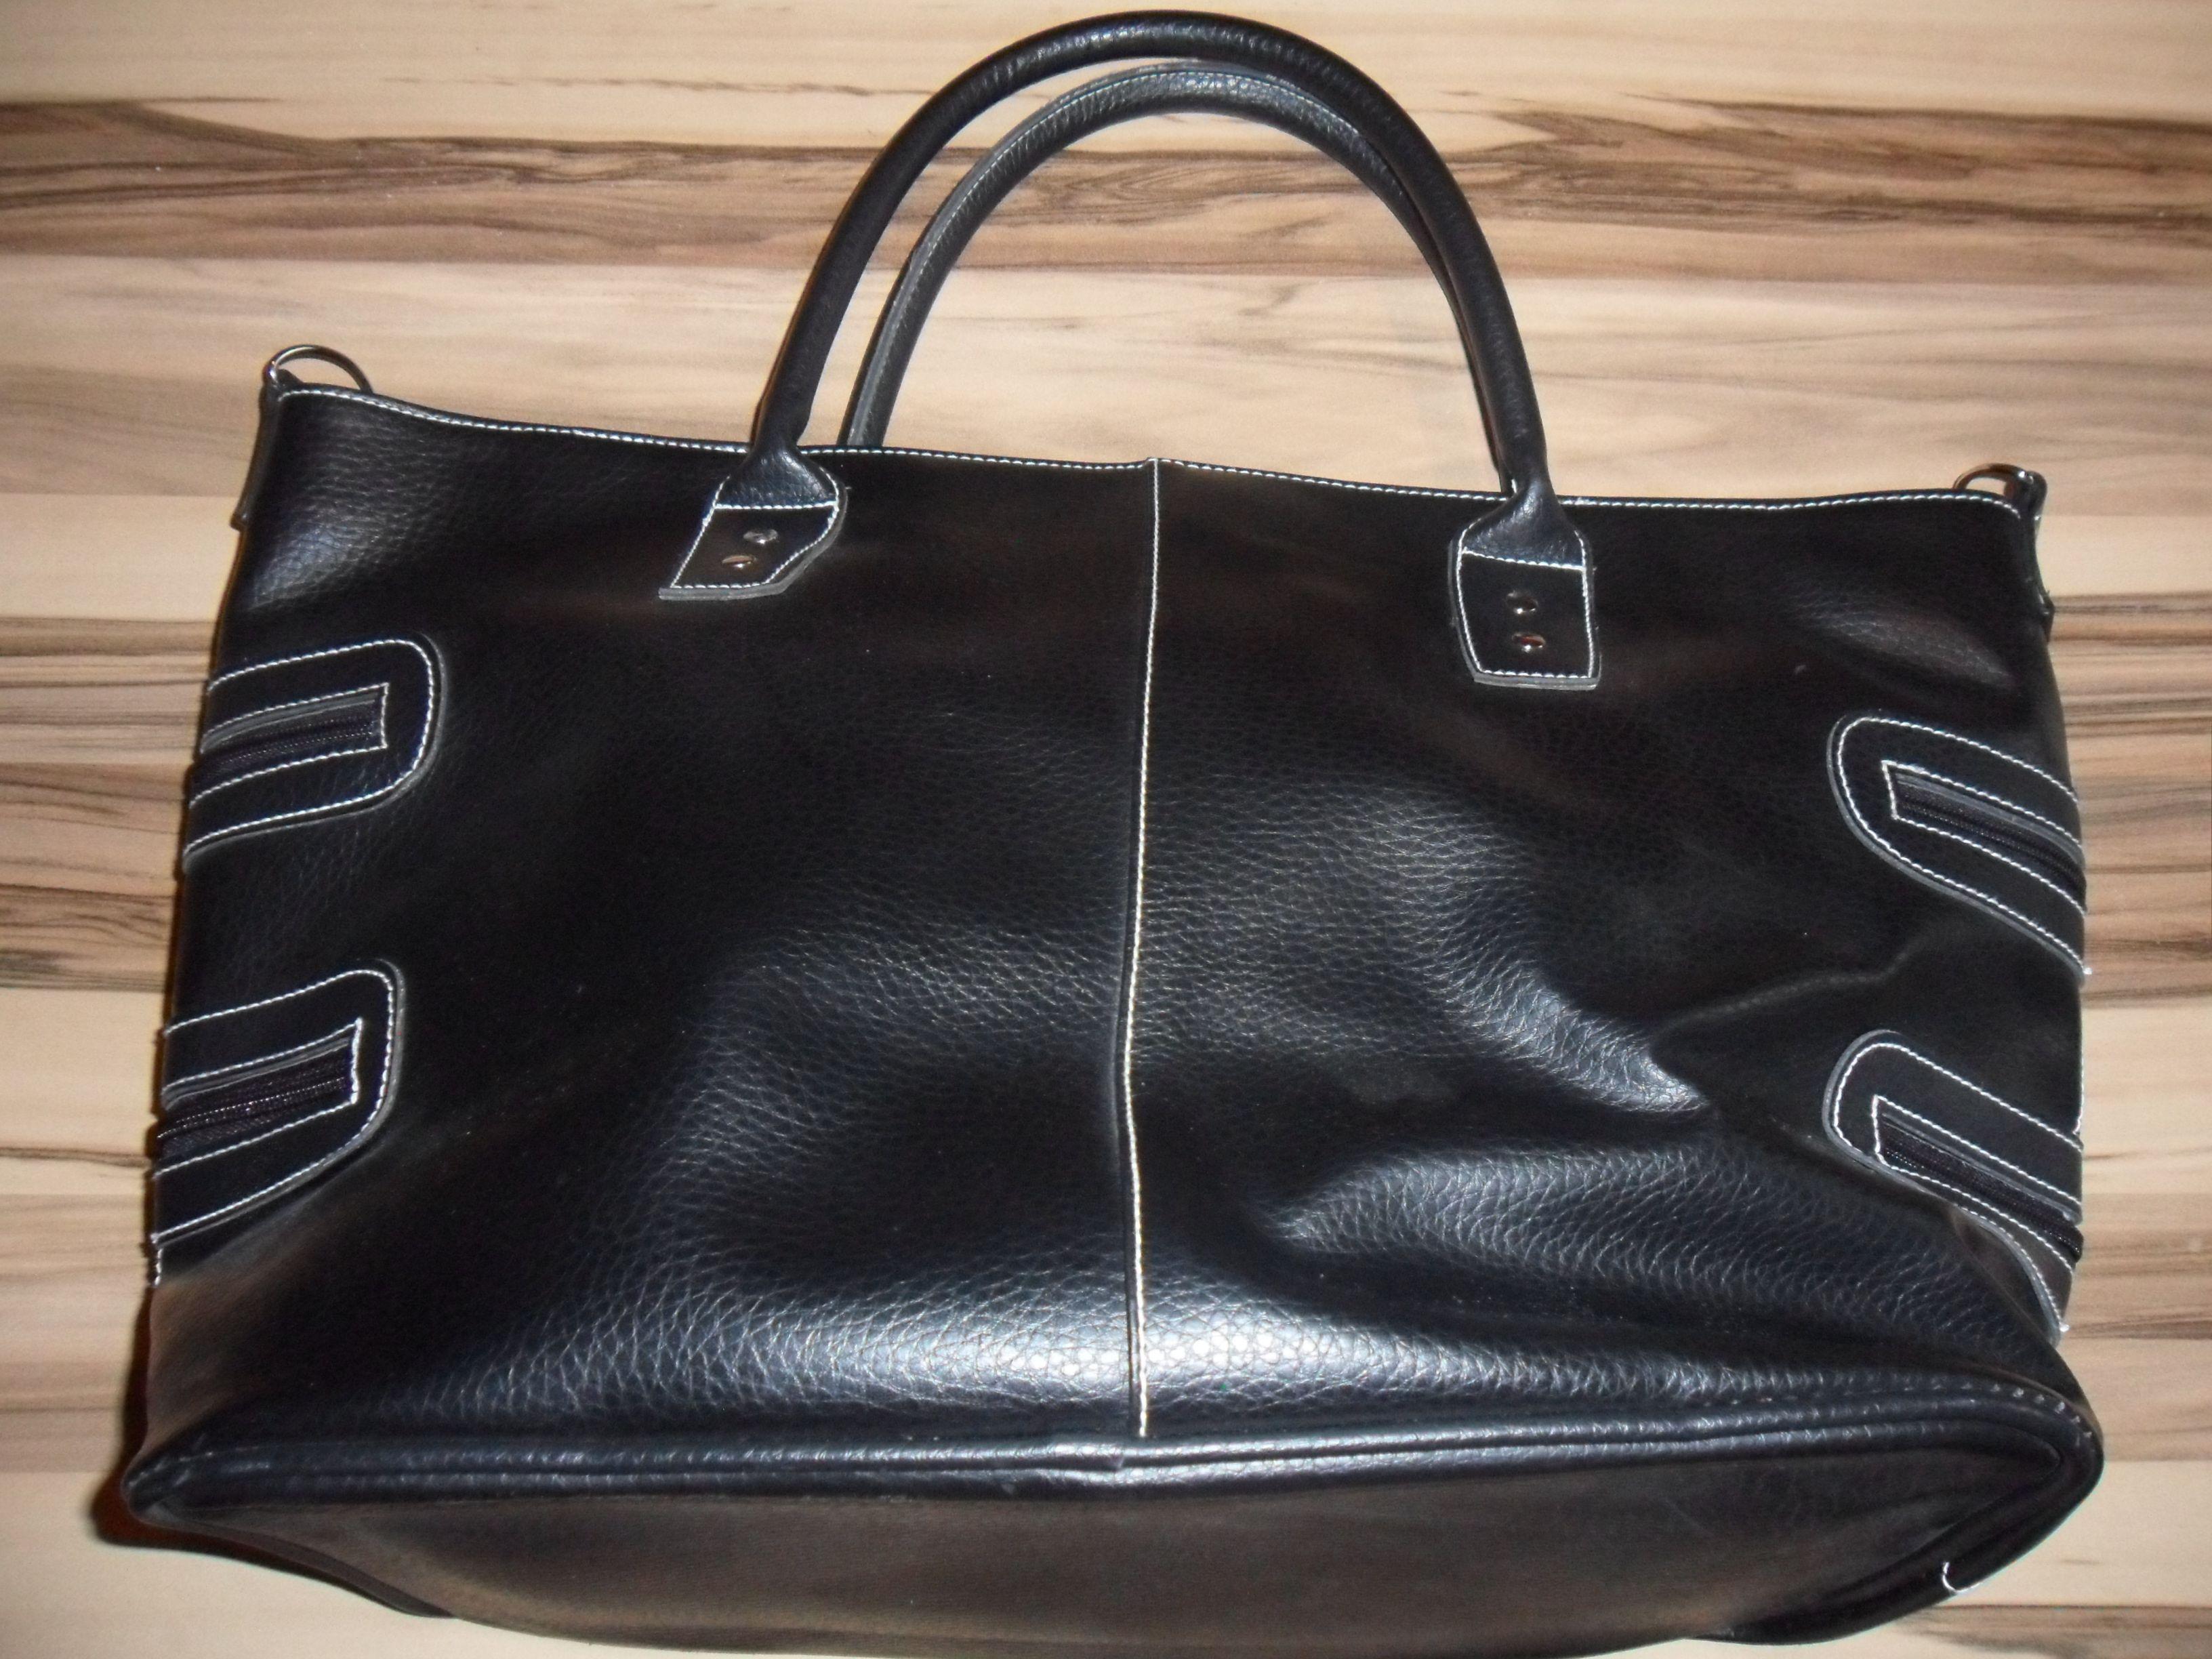 e0df901e4eefa Echtleder Damen Handtasche Farbe  Schwarz mit Aussen und Innentaschen wie  neu  taschen  leder